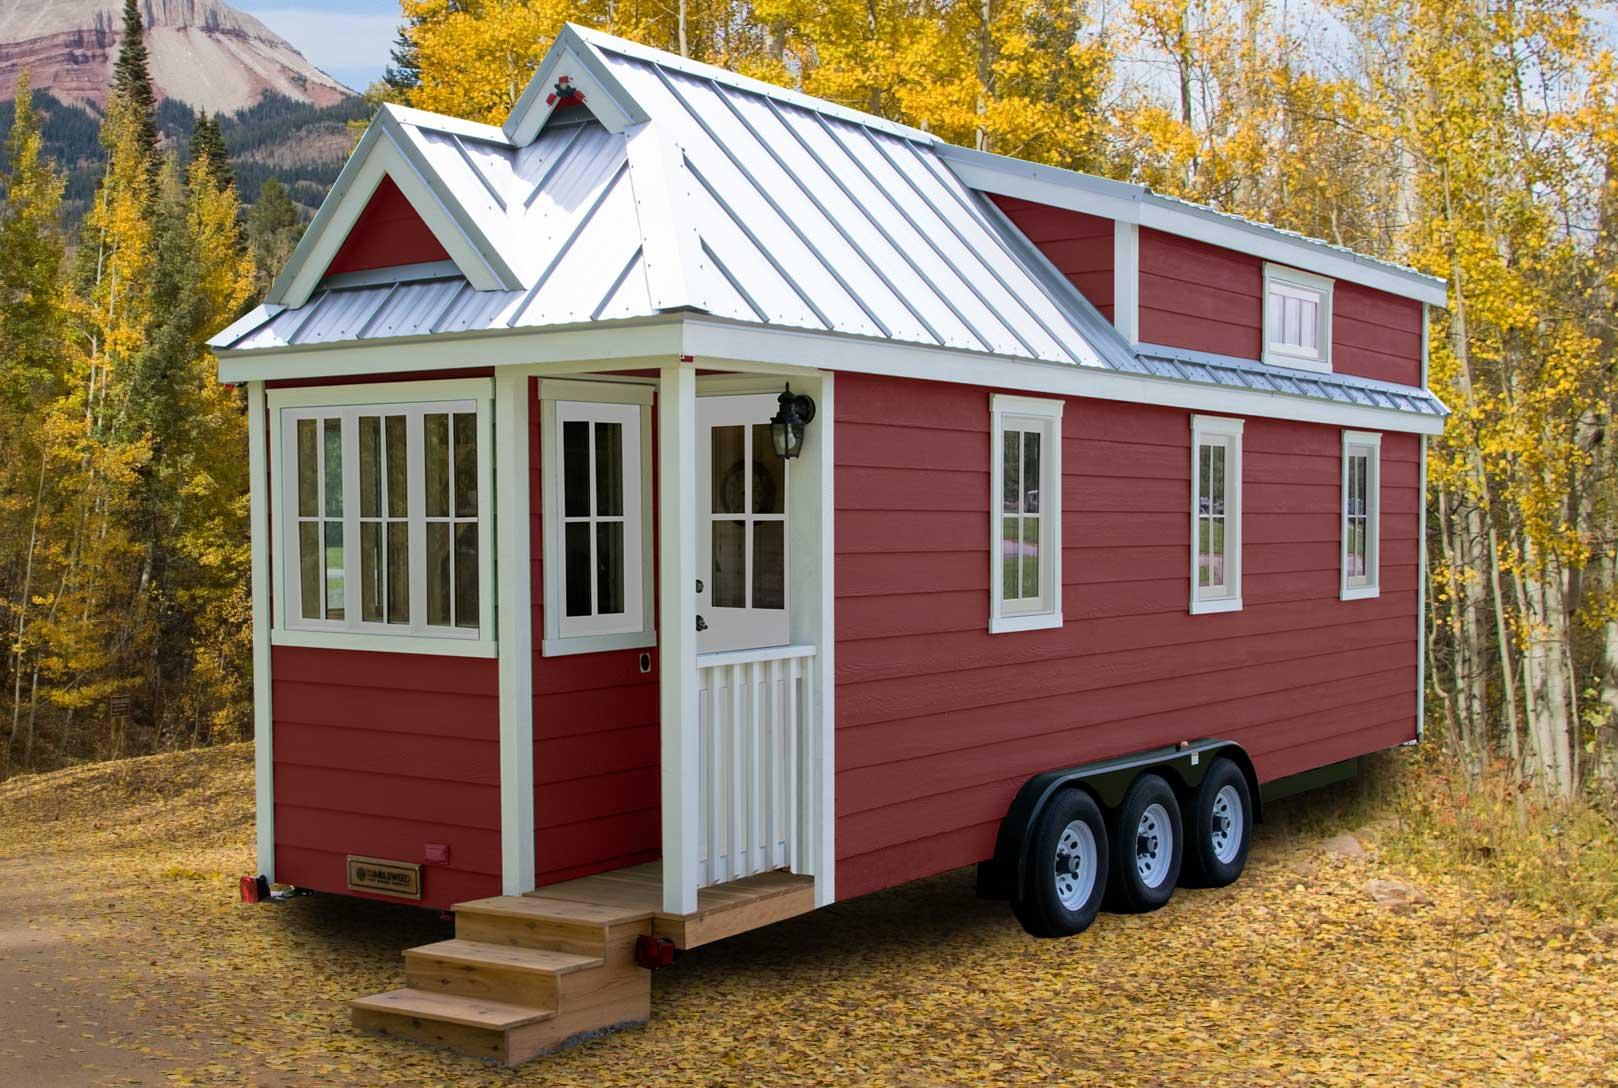 Tiny Home Designs: Tumbleweed Tiny Houses